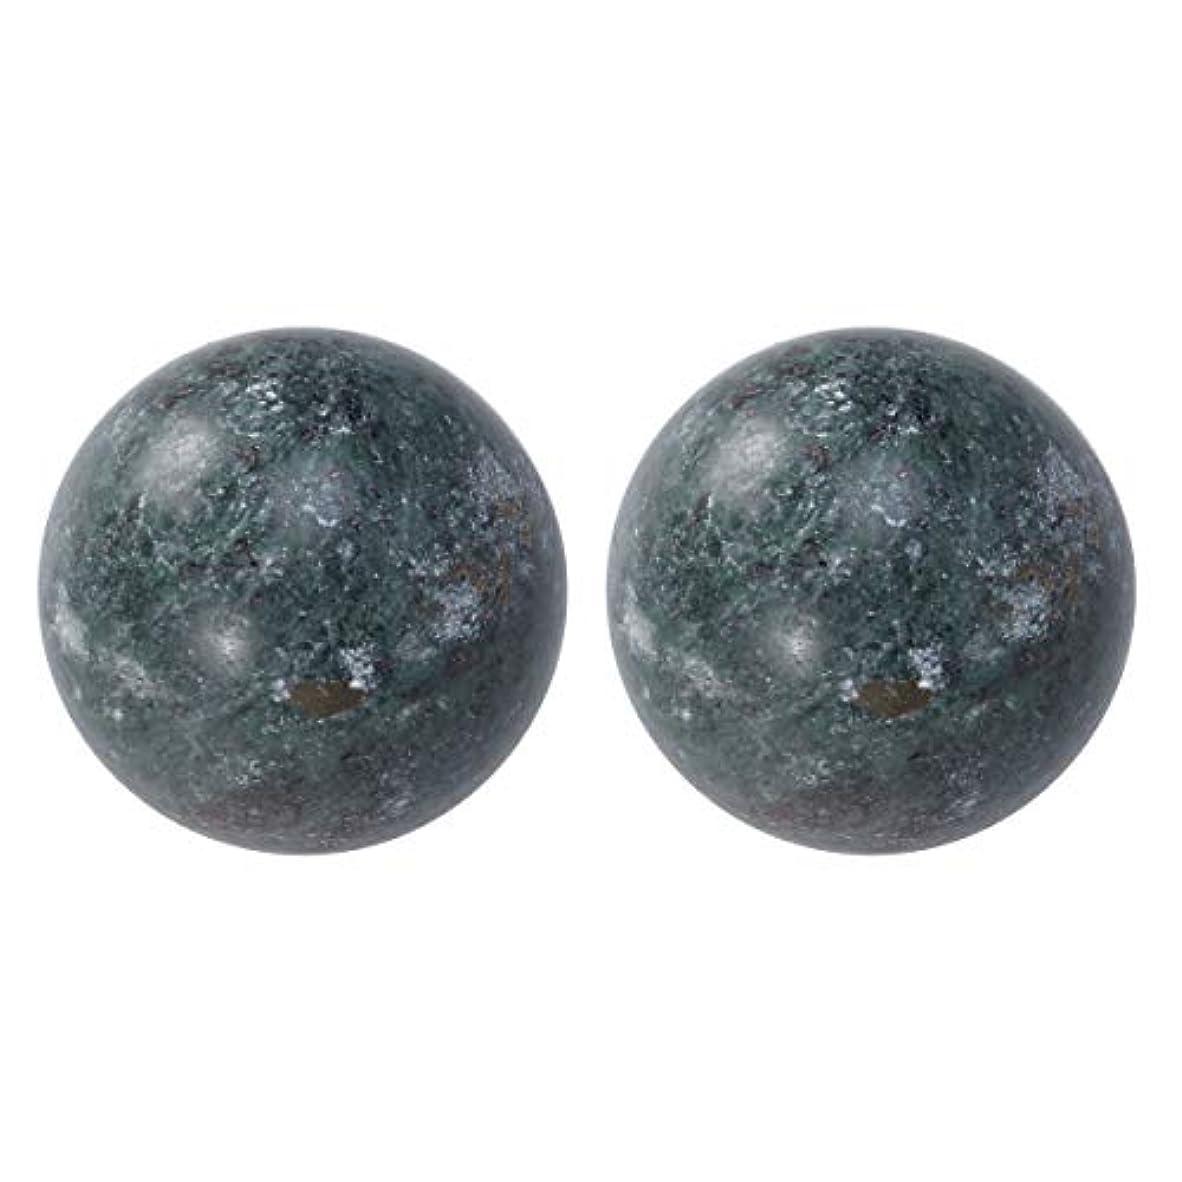 無駄田舎薬局ROSENICE 高齢者ボールジェイドハンドボール健康運動ボールストレスレリーフ2個(黒)